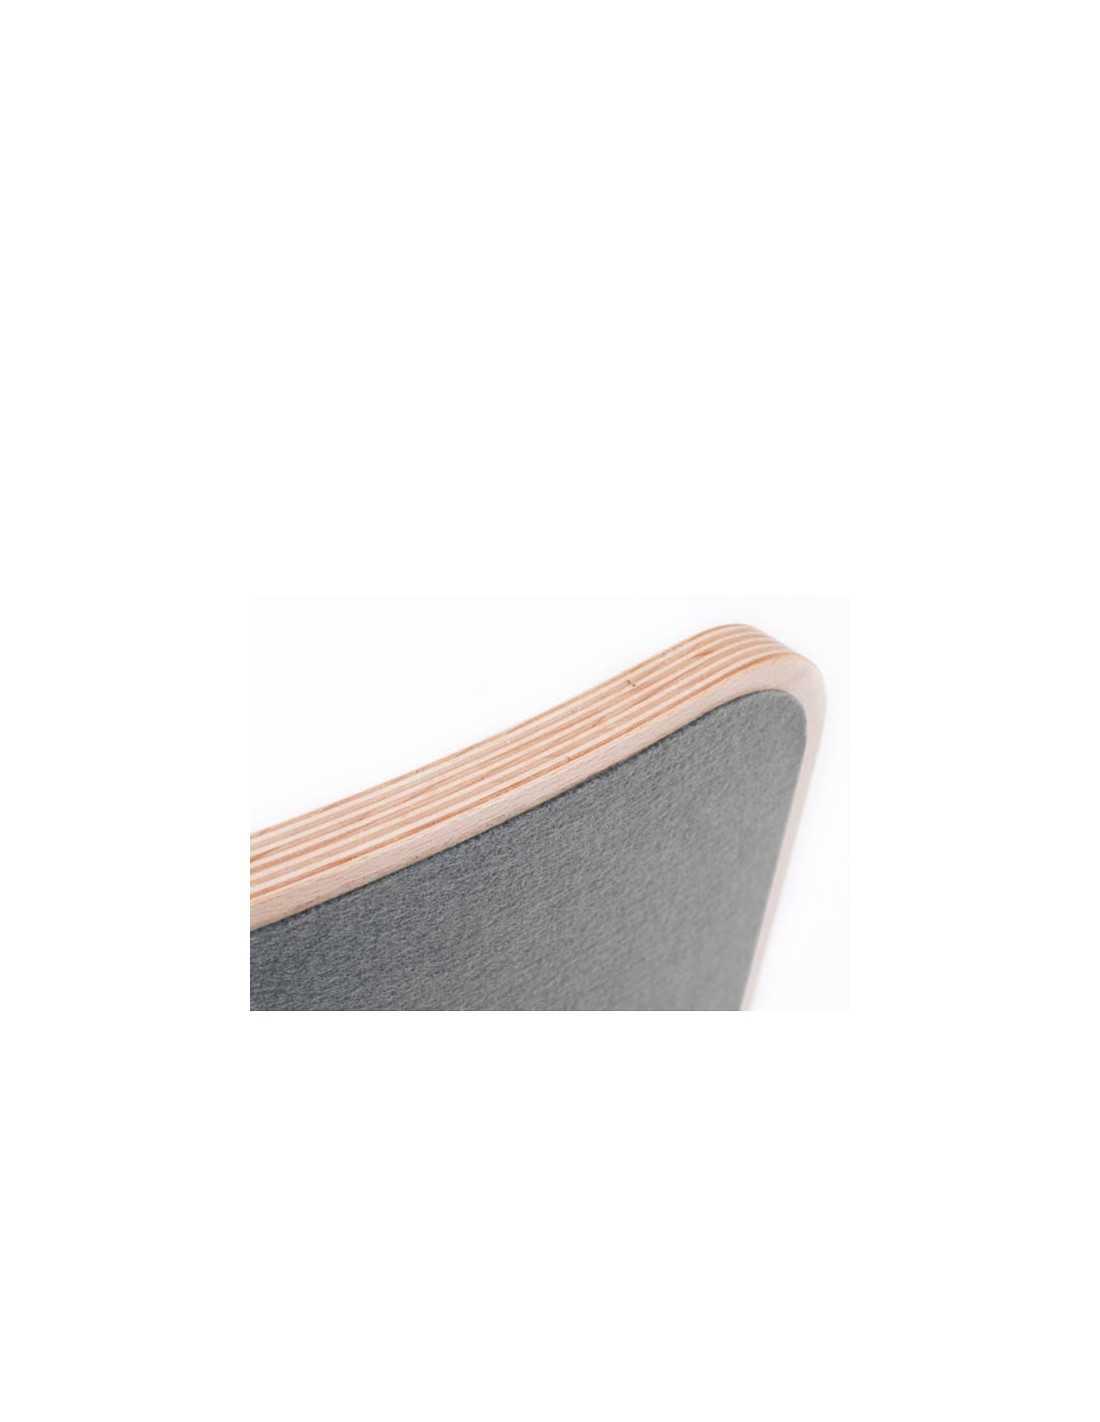 Wobbel planche d 39 quilibre en bois laqu gris anthracite for Planche bois gris